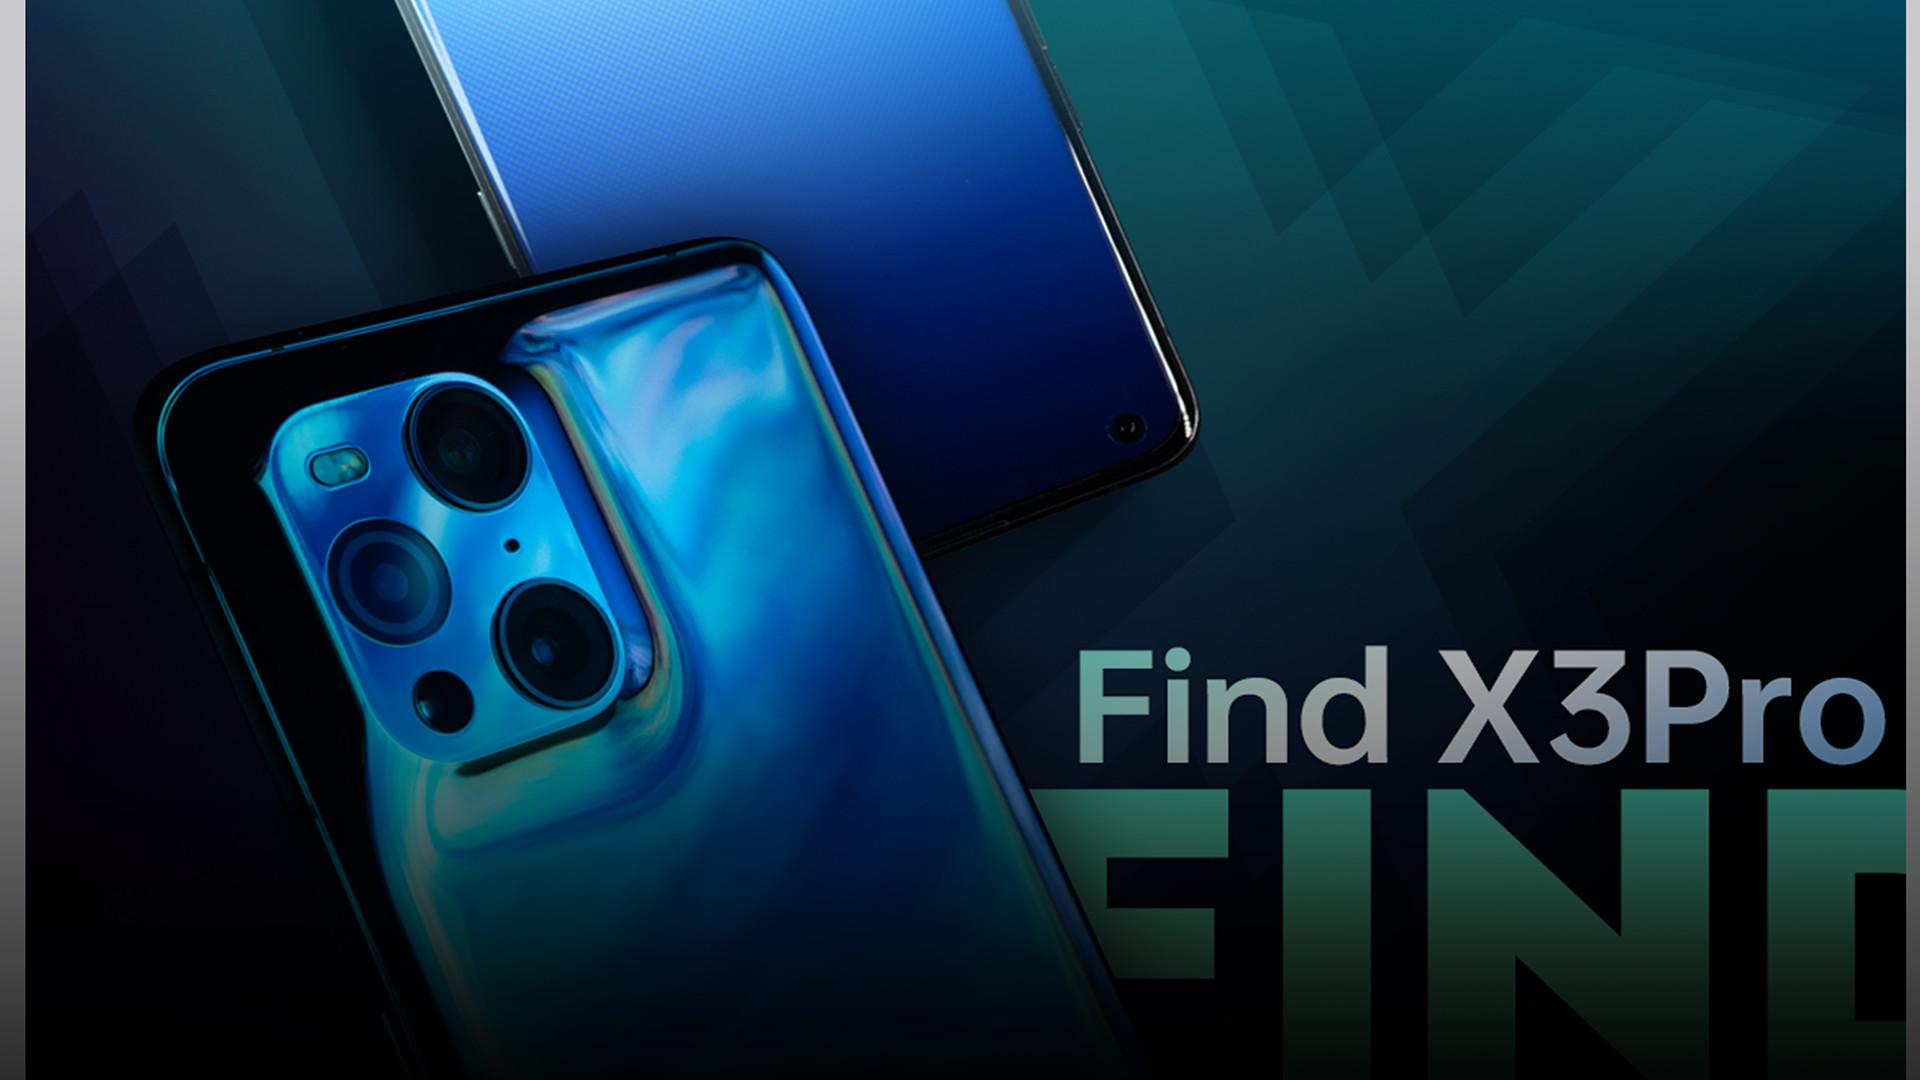 叶秋测评   OPPO FindX3Pro首发上手,揭秘国产最强屏幕